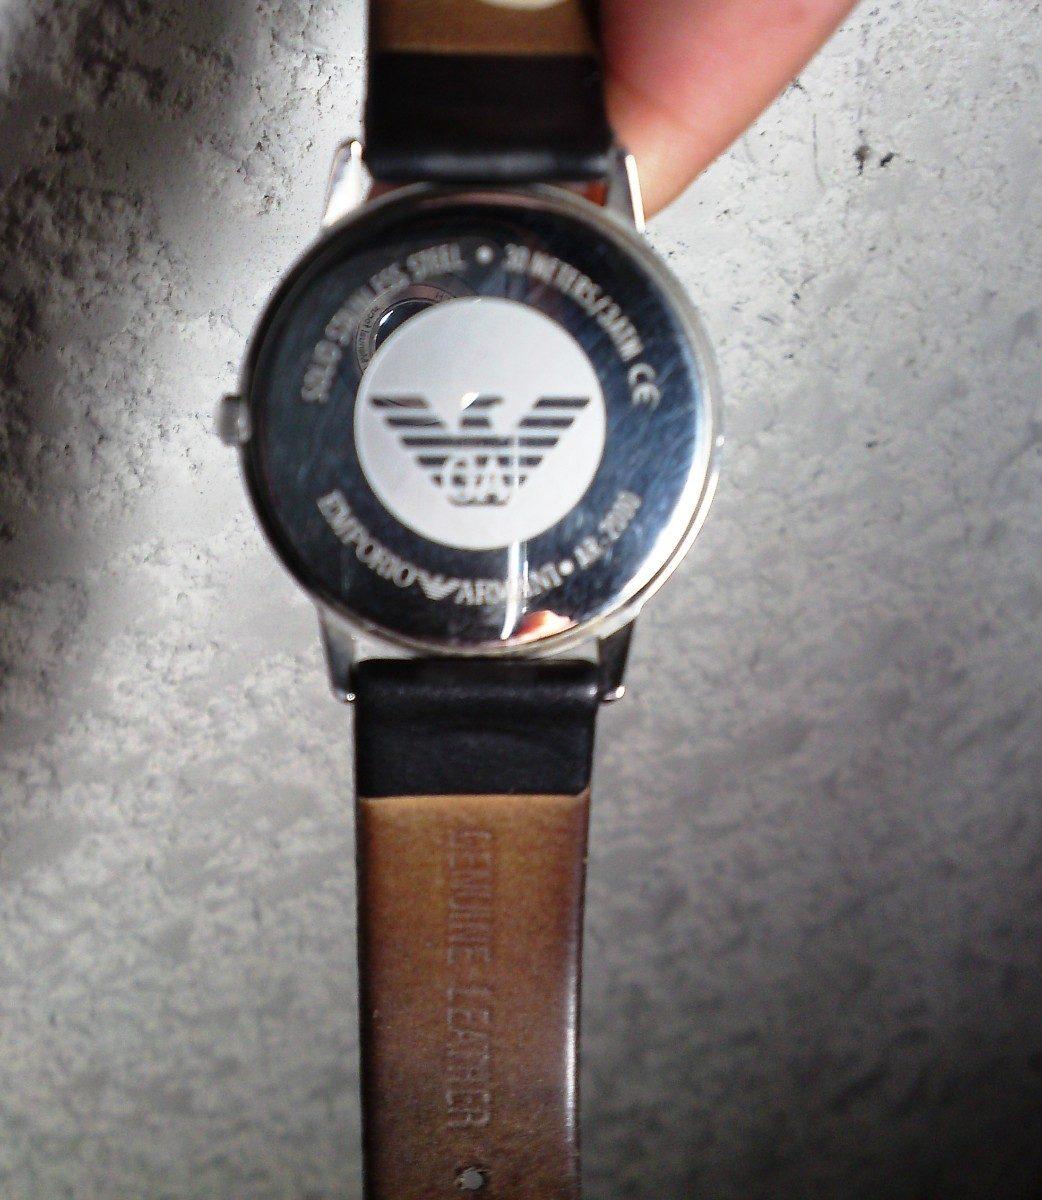 e20cdf081b51 Reloj Emporio Armani Mod. Ar 2000 Clásico